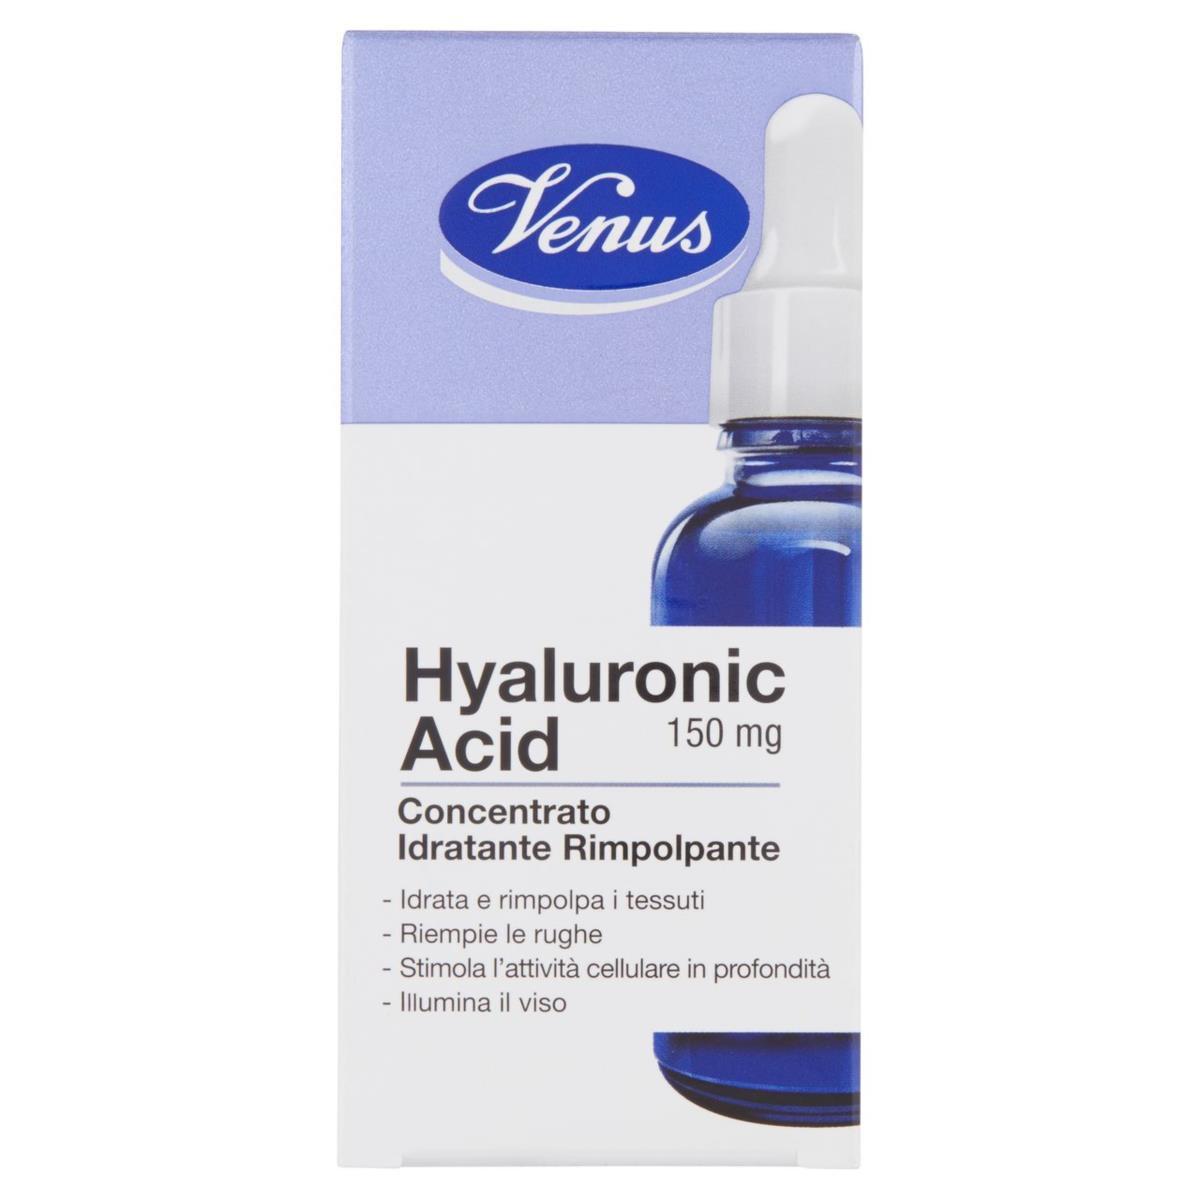 Venus Hyaluronic Acid 150Mg